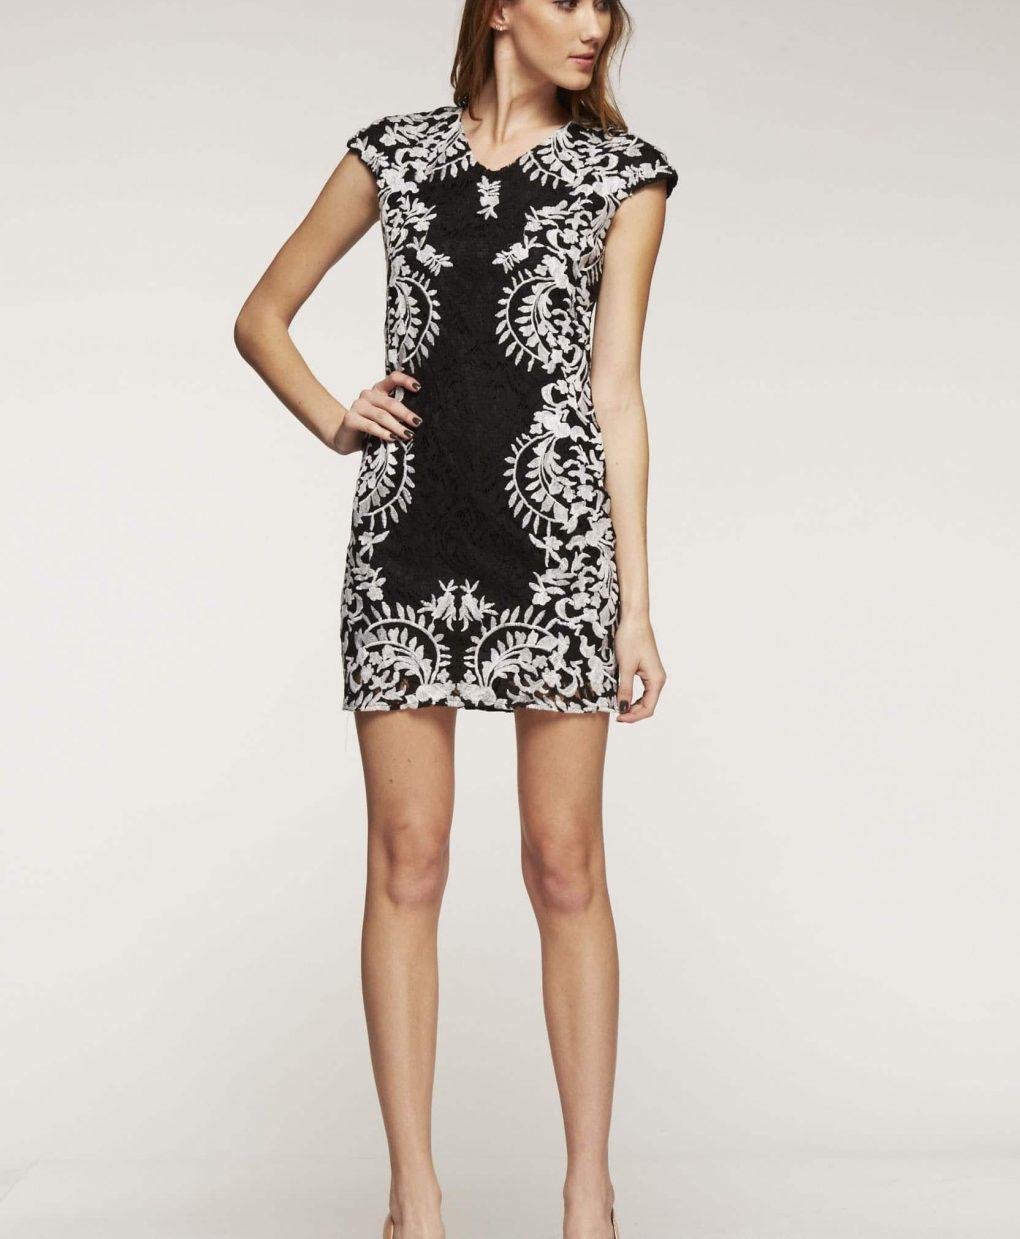 Alila Boutique Black Lace Dress